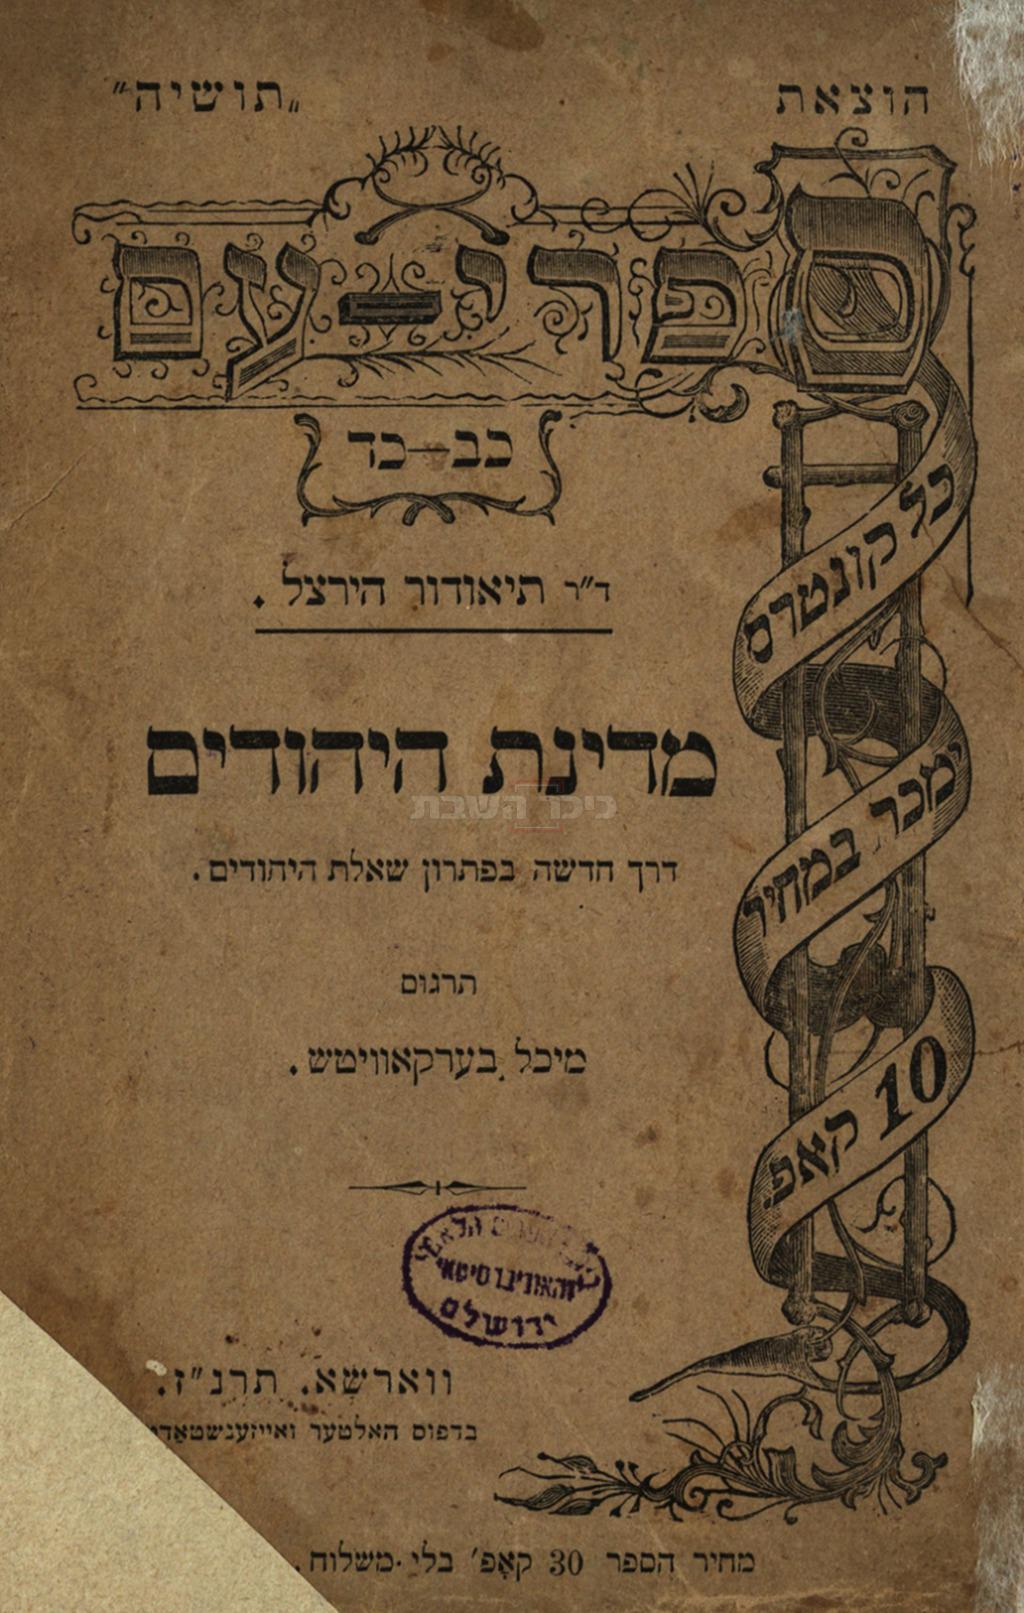 ספר מדינת היהודים בתרגום מיכל בערקאוויטש תרנ''ז (מתוך אוסף הספרייה הלאומית)